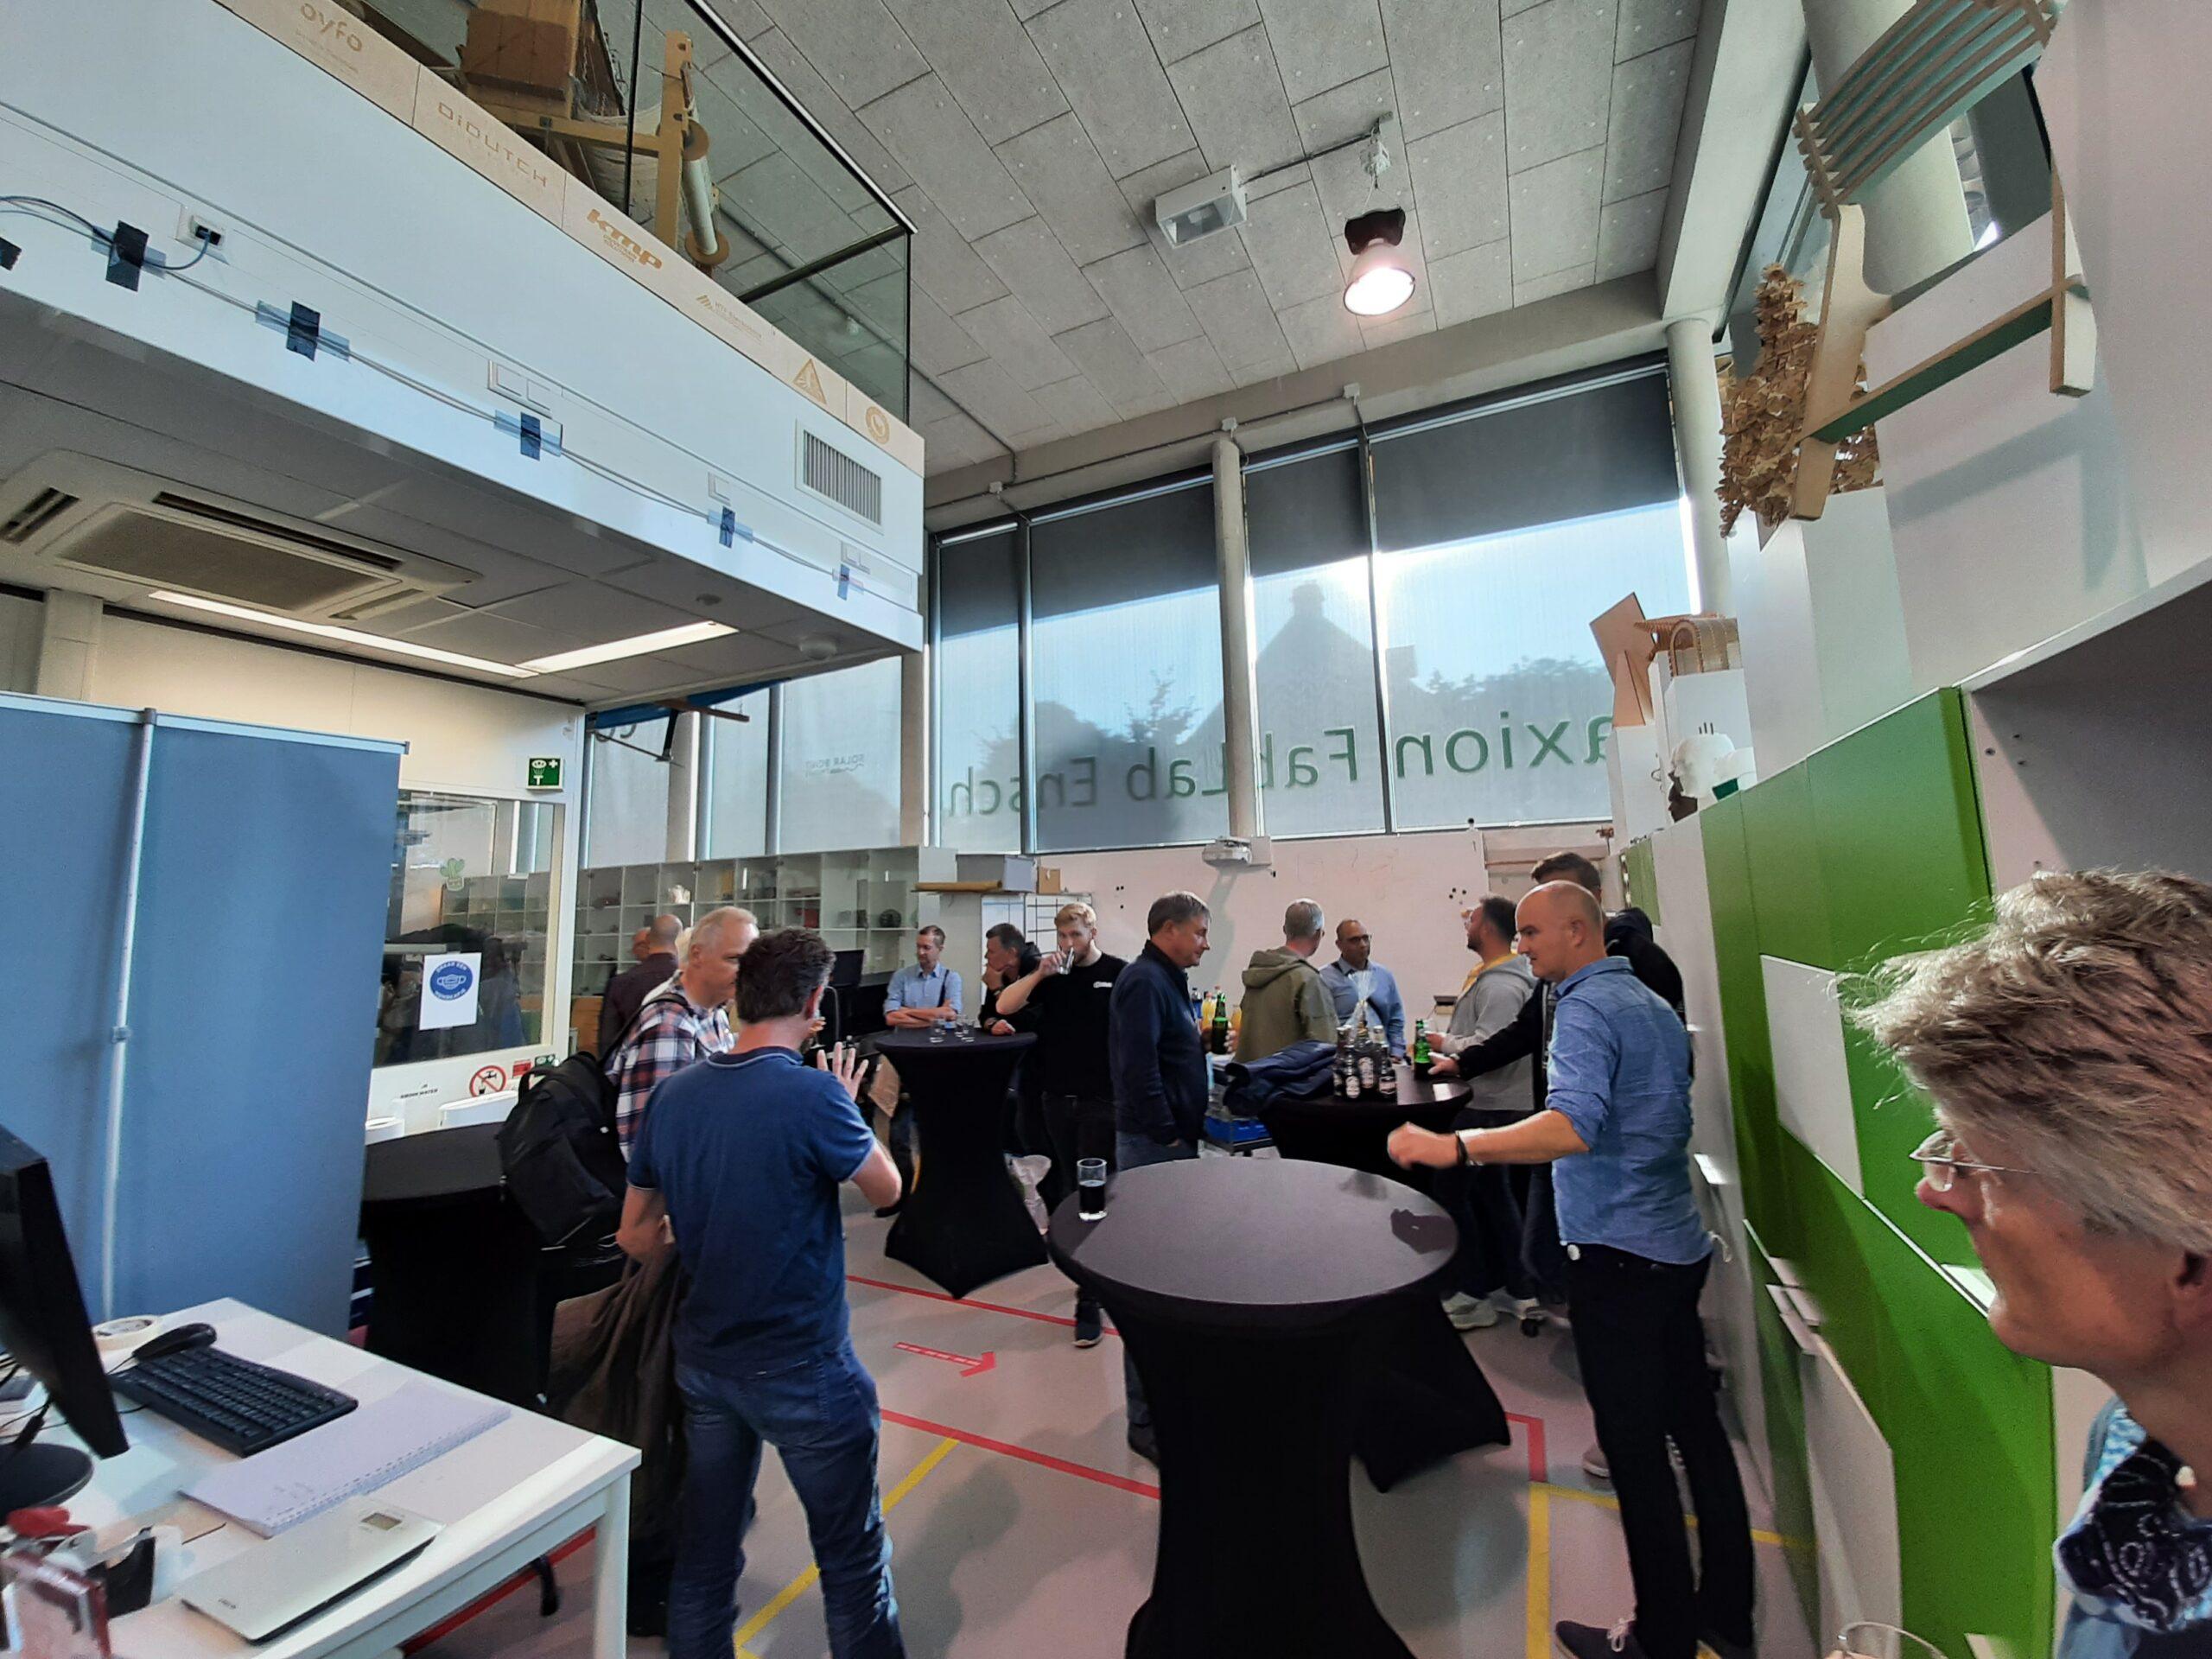 VZI bijeenkomst 3D printing